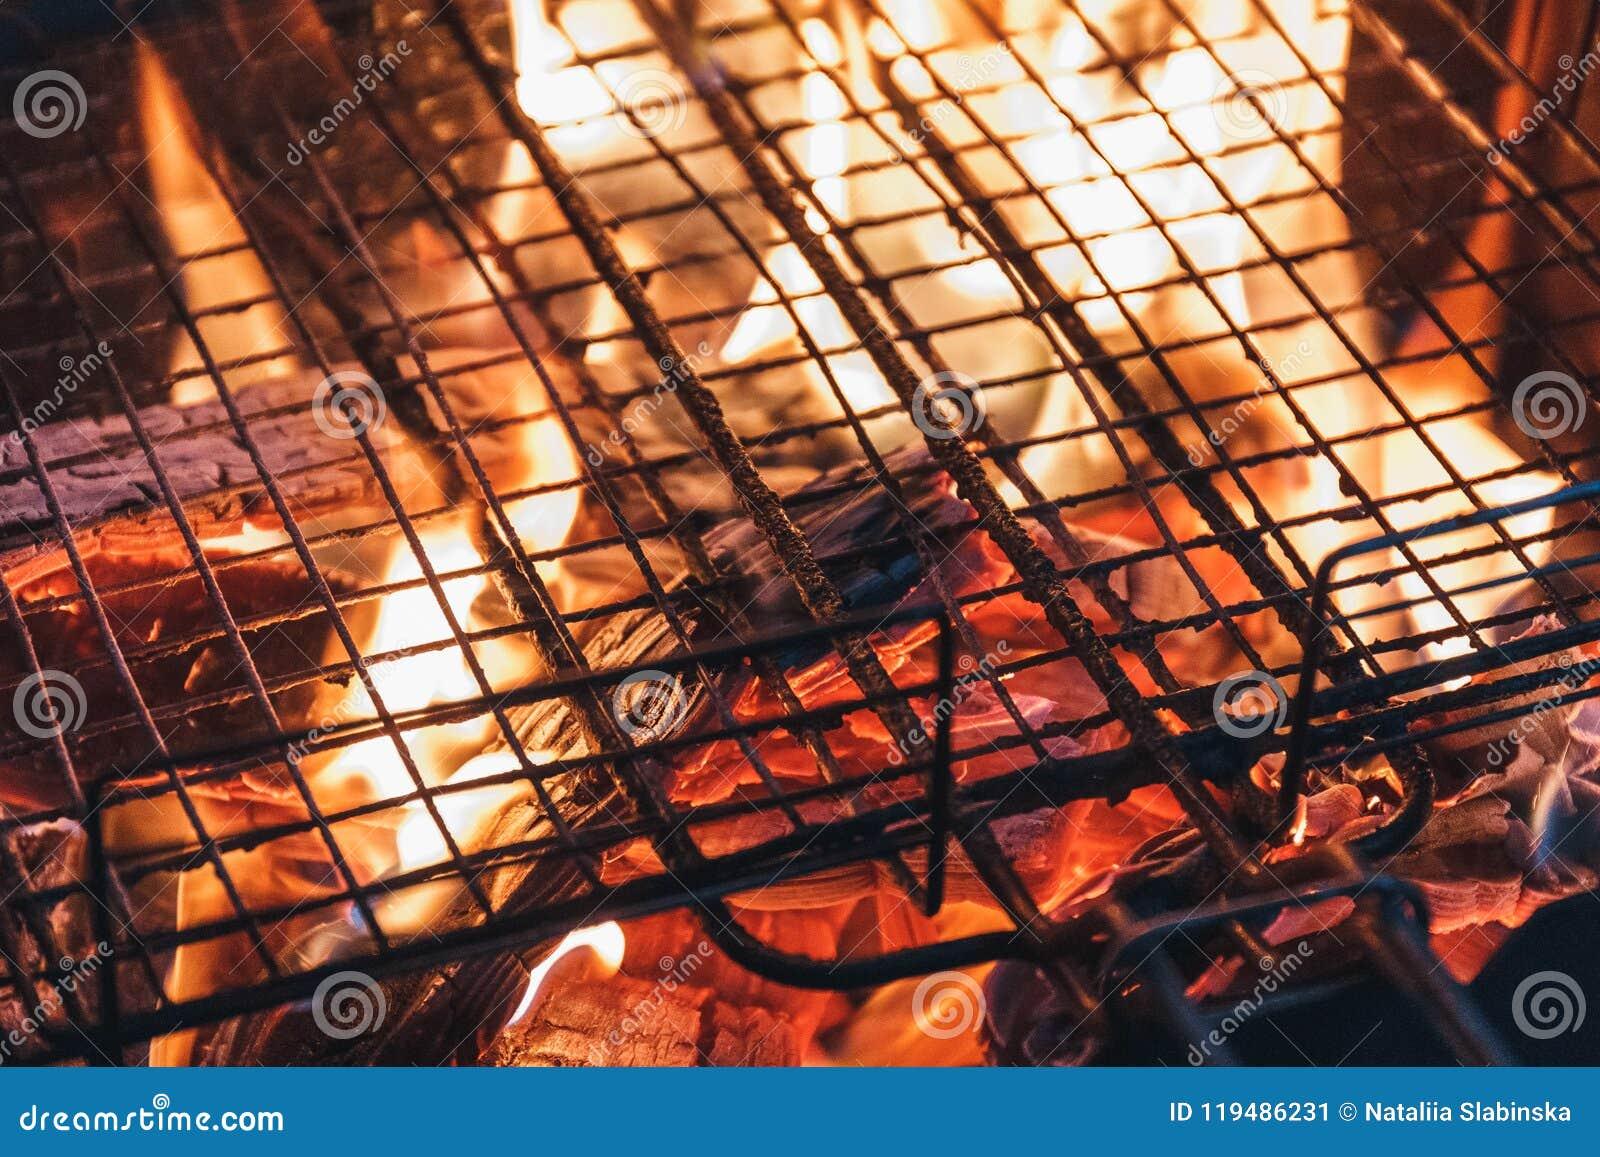 Metal сеть над древесиной тлеющих углей угля огня горящей в гриле барбекю на